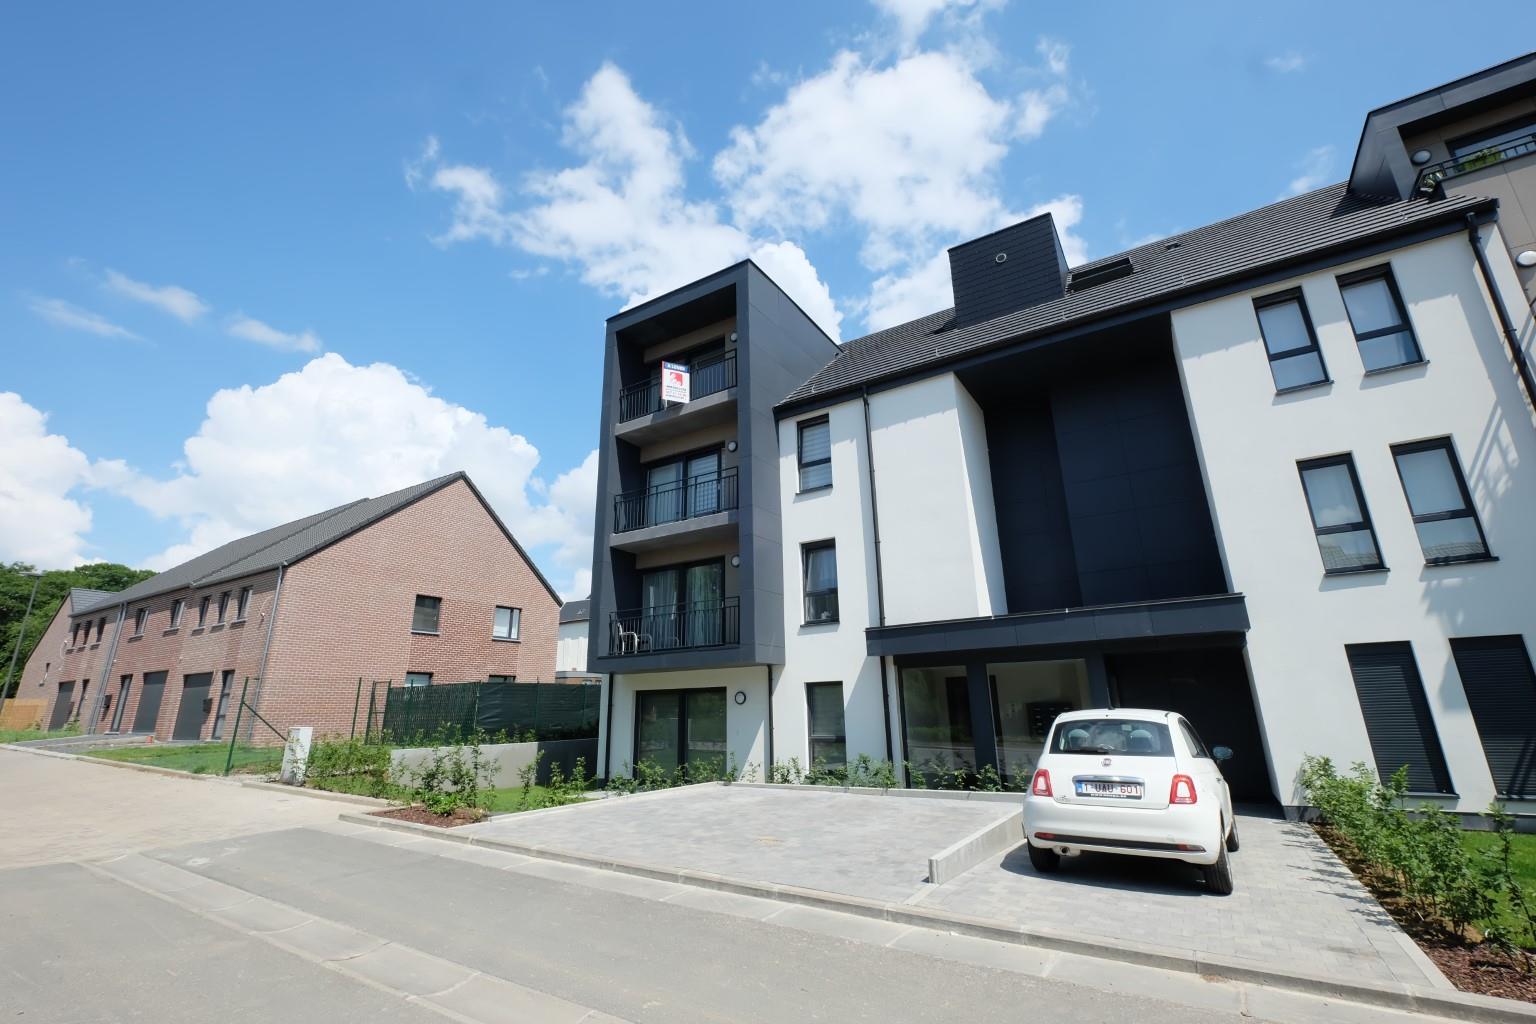 Appartement - Braine-le-Comte Hennuyères - #3450126-16